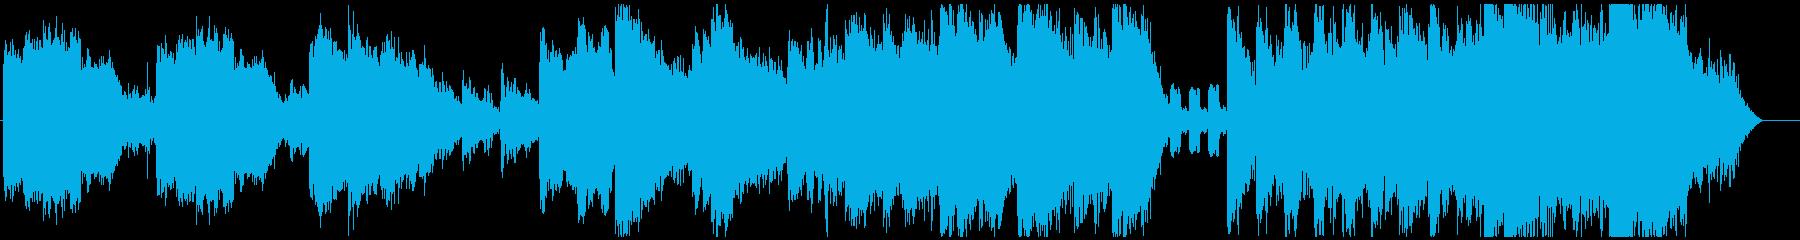 12音技法を用いた狂気のリズムとメロディの再生済みの波形